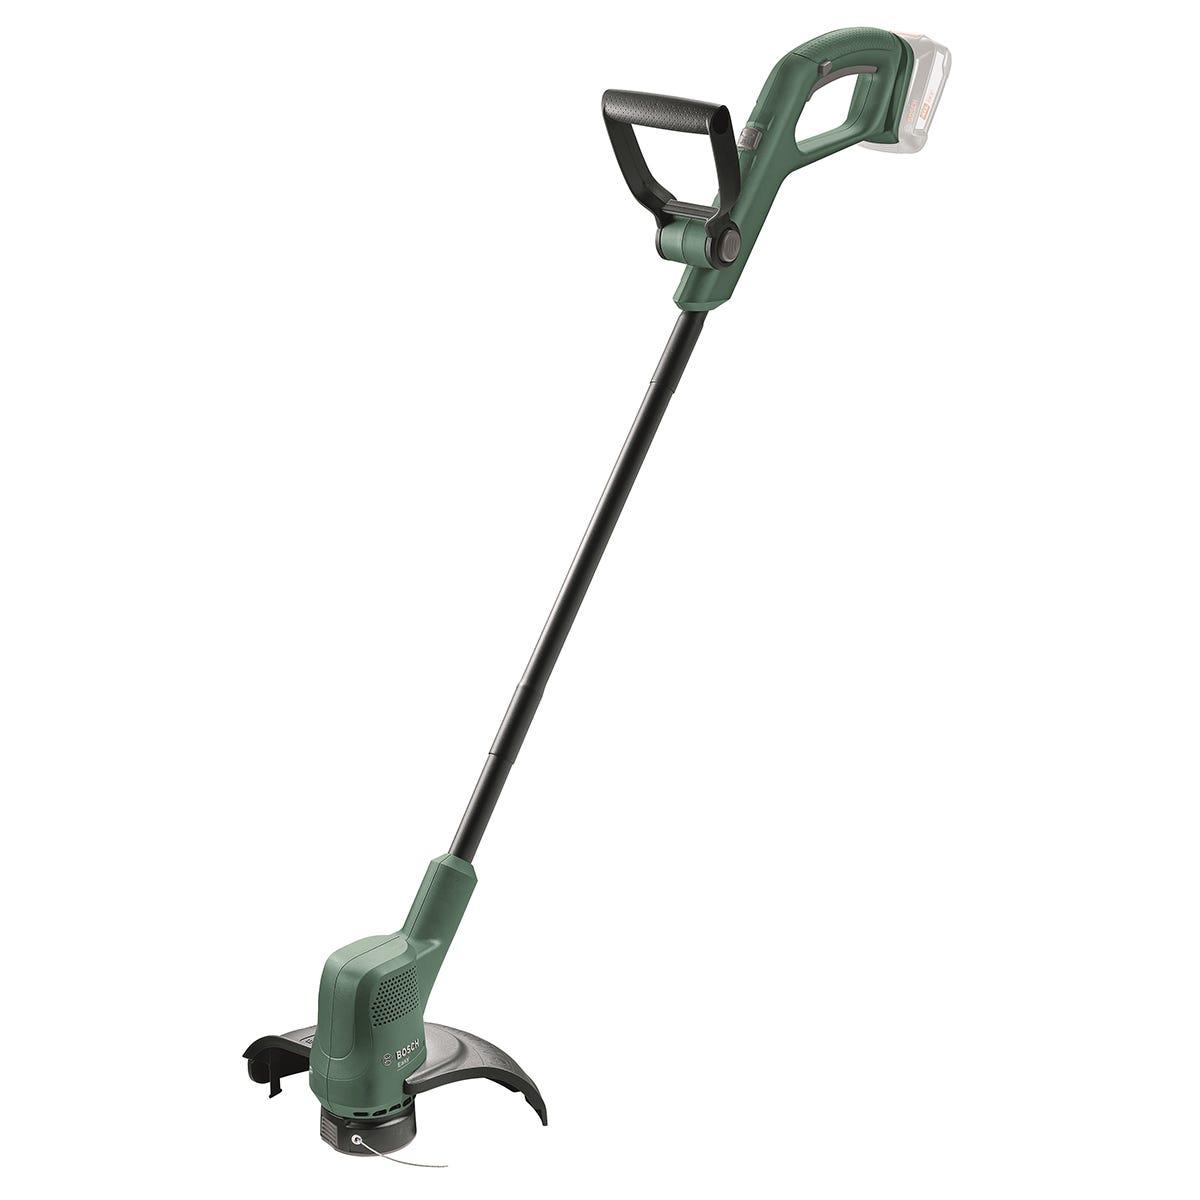 Bosch EasyGrassCut 18-26 Cordless Grass Trimmer